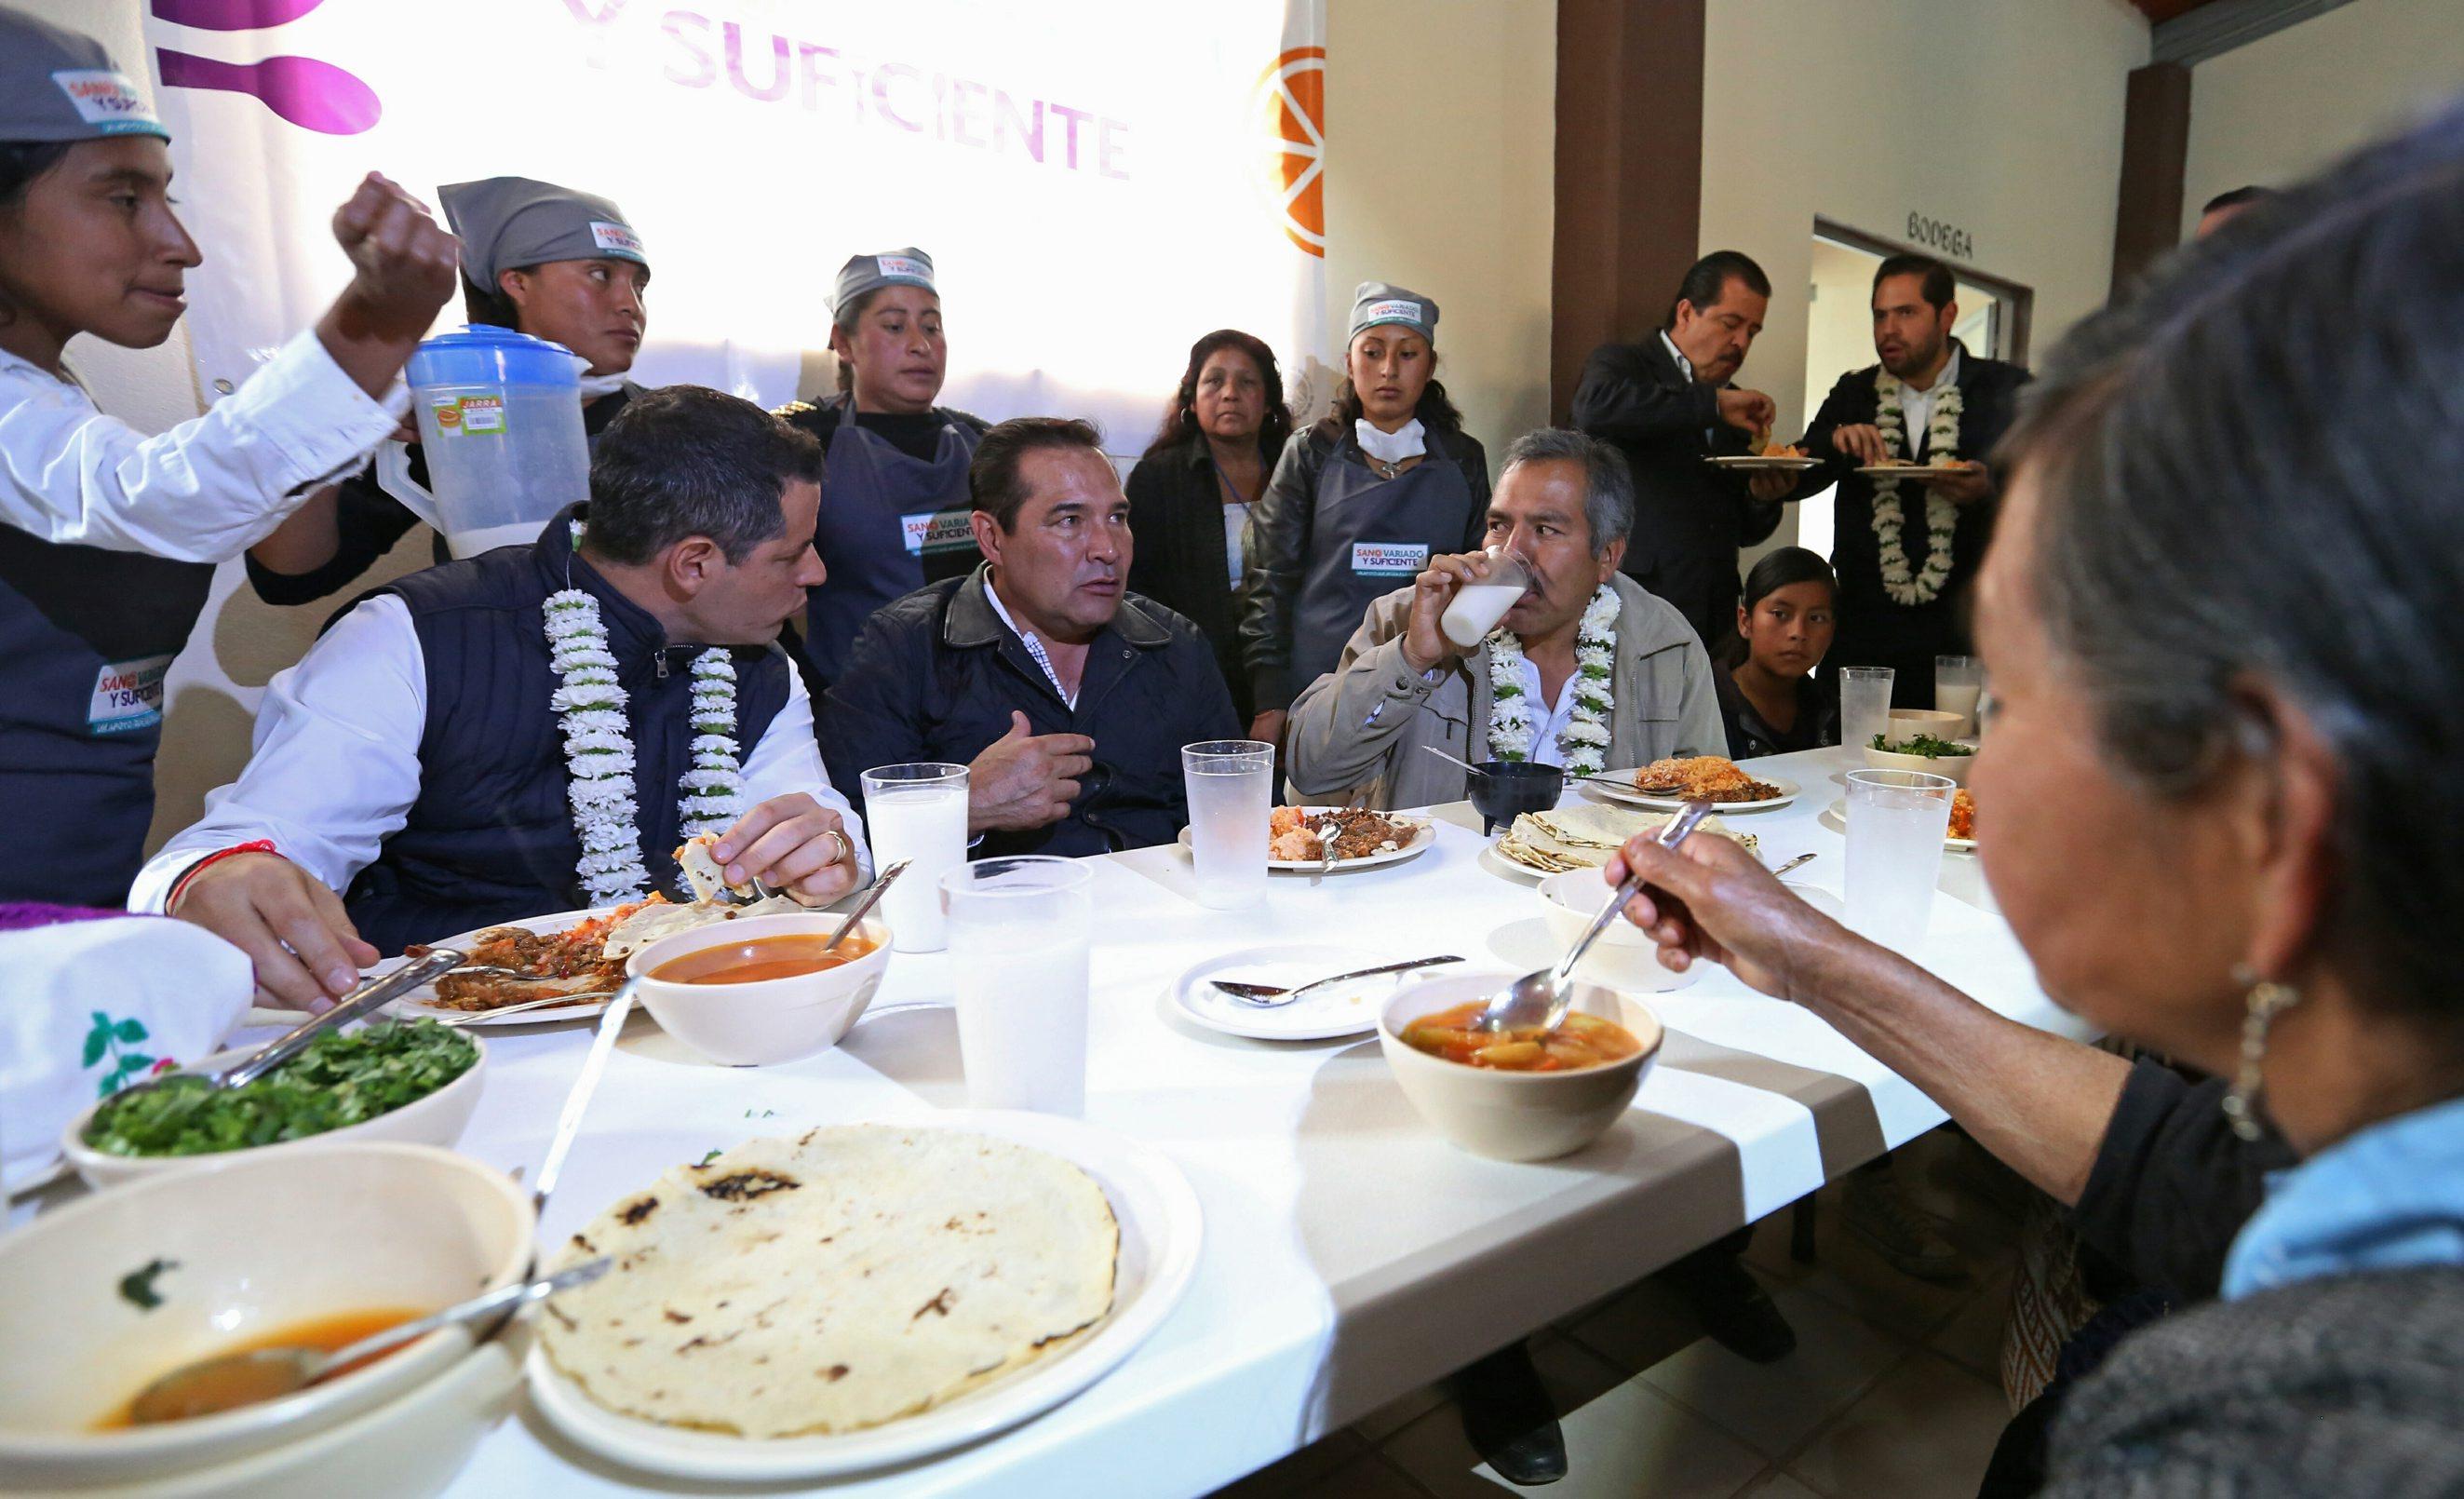 61215105. Oaxaca, 15 Dic 2016 (Notimex- Sedesol).- El secretario de Desarrollo Social, Luis Miranda Nava, realiza una gira de trabajo por el estado de Oaxaca.  NOTIMEX/FOTO/SEDESOL/COR/POL/